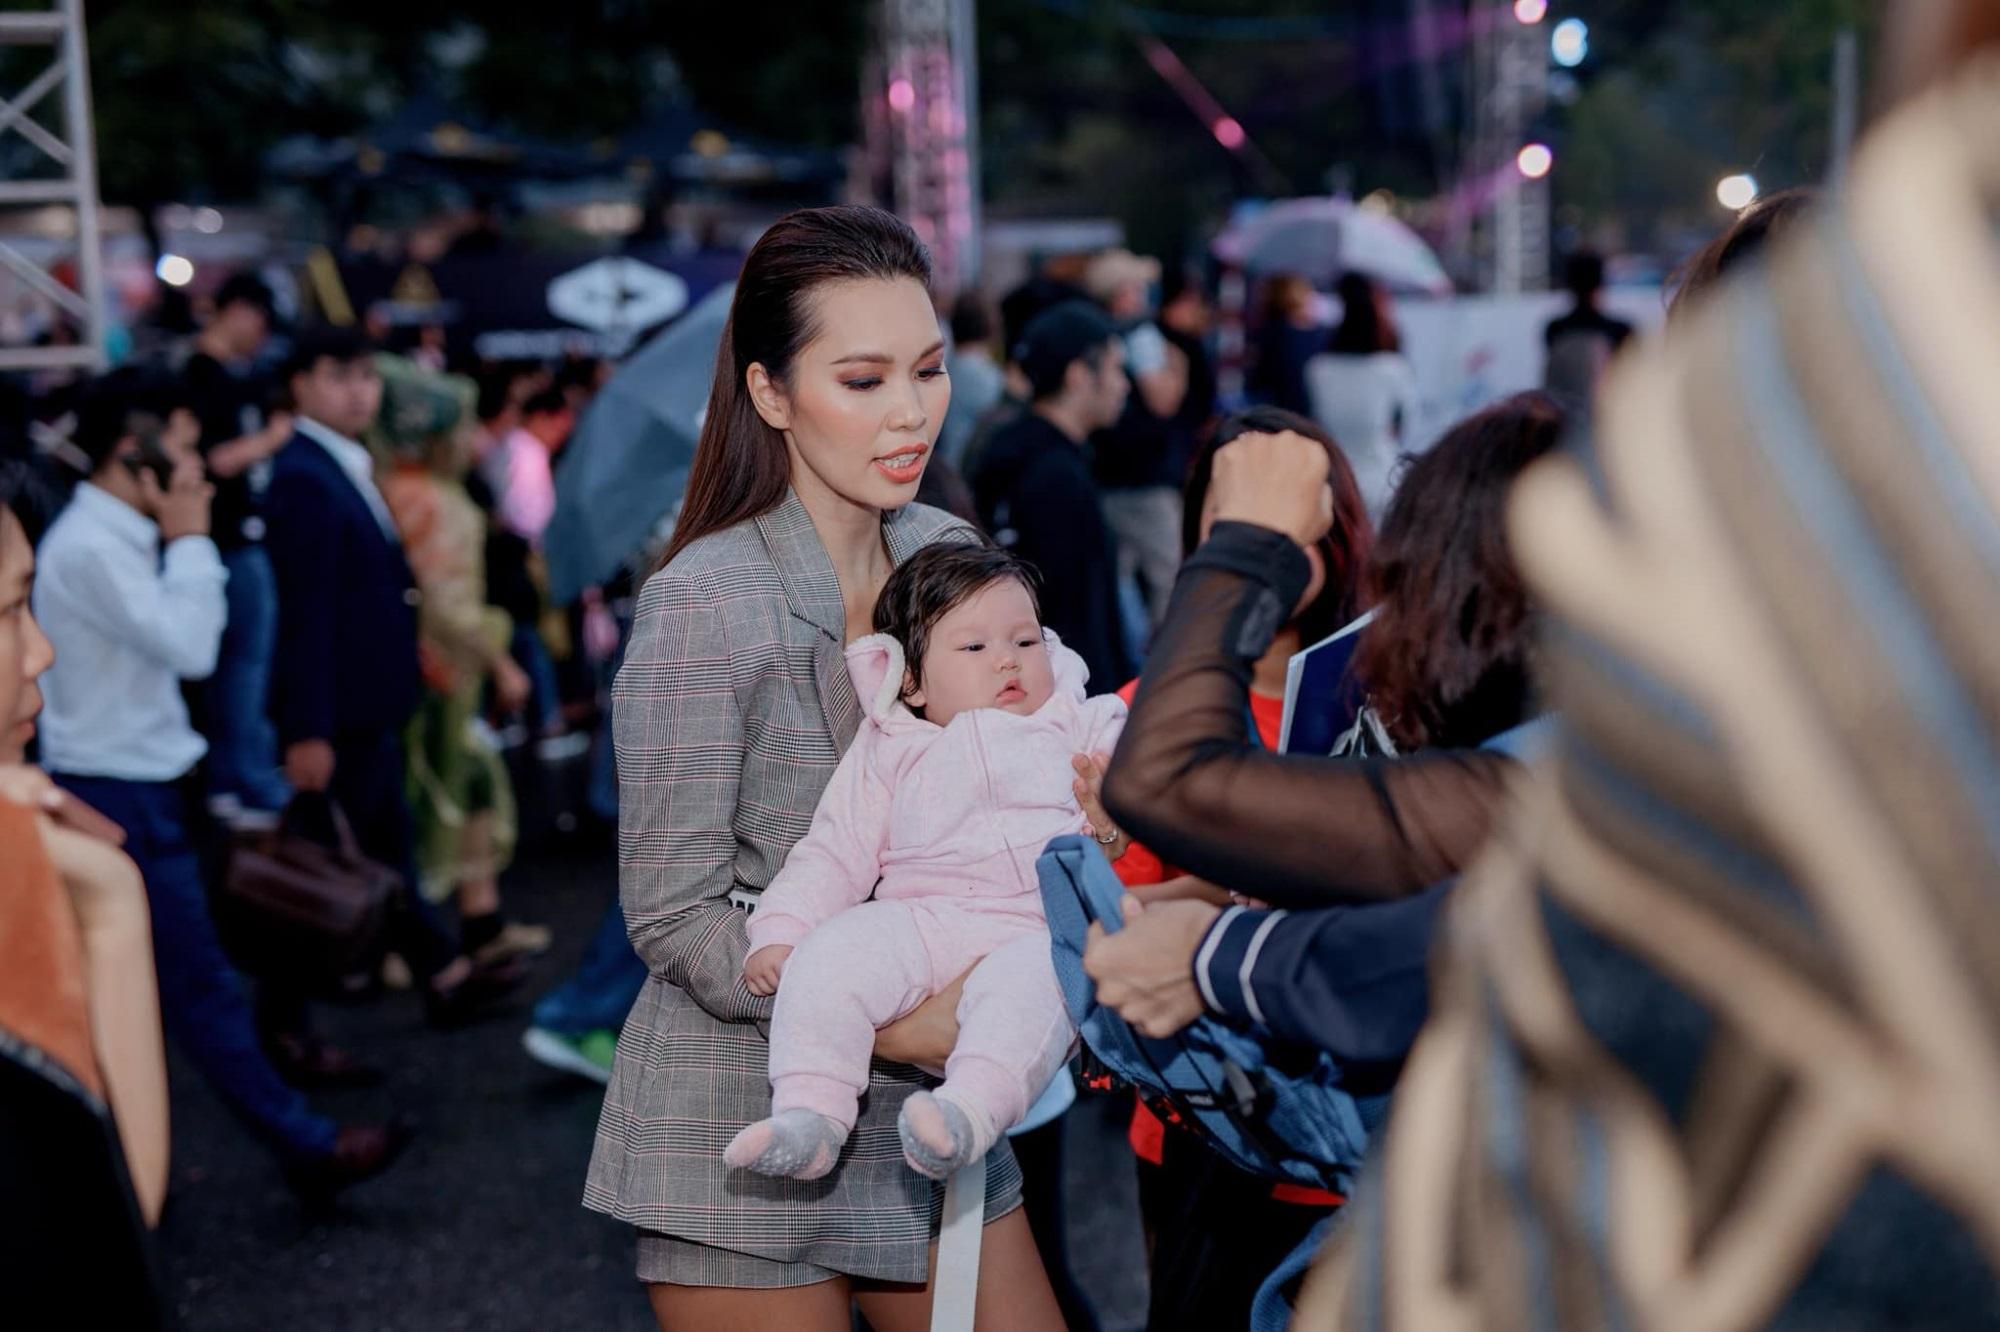 Siêu mẫu Hà Anh nói gì về nghi vấn mua giải tại Hoa hậu Trái đất? - Ảnh 3